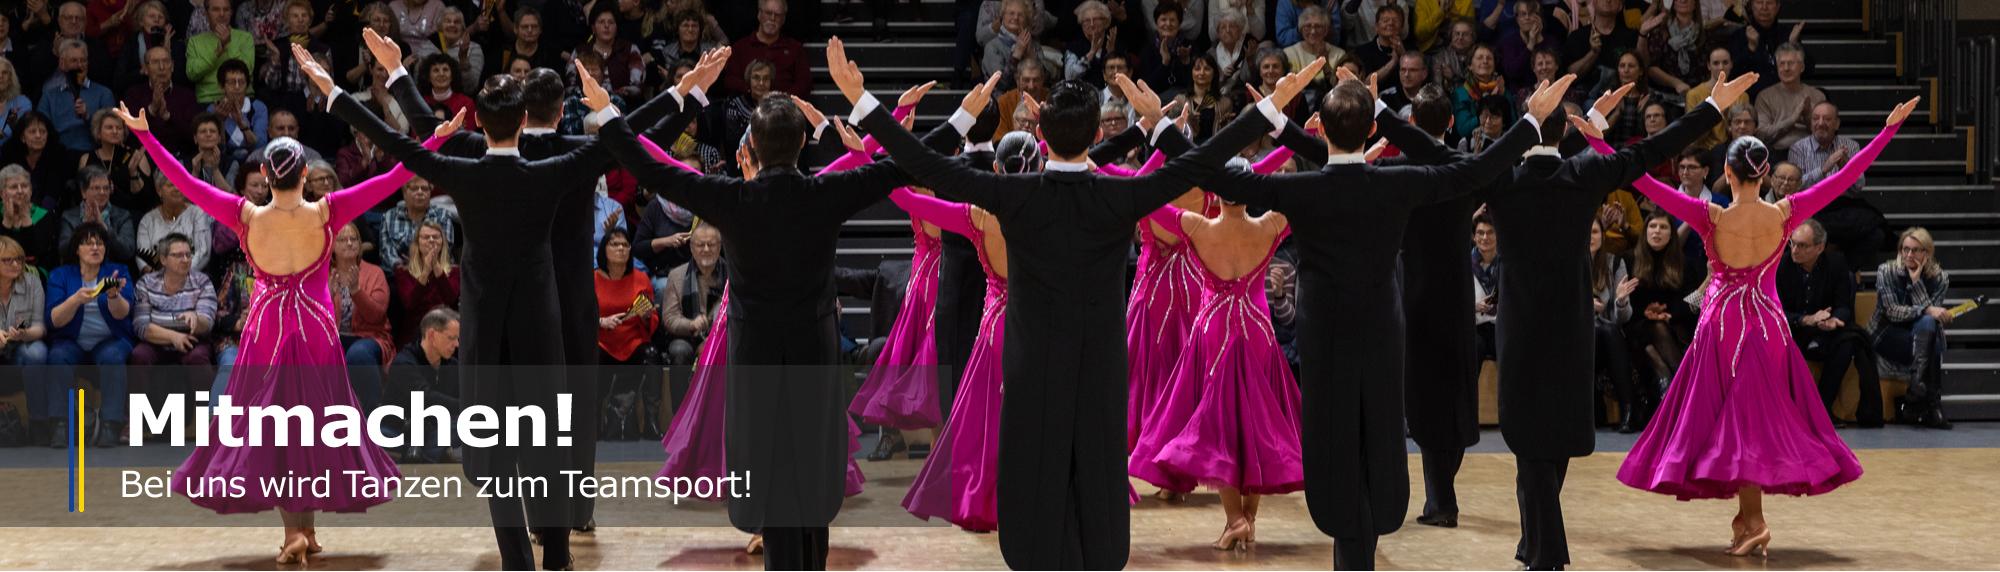 Mitmachen - Bei uns wird Tanzen zum Teamsport!